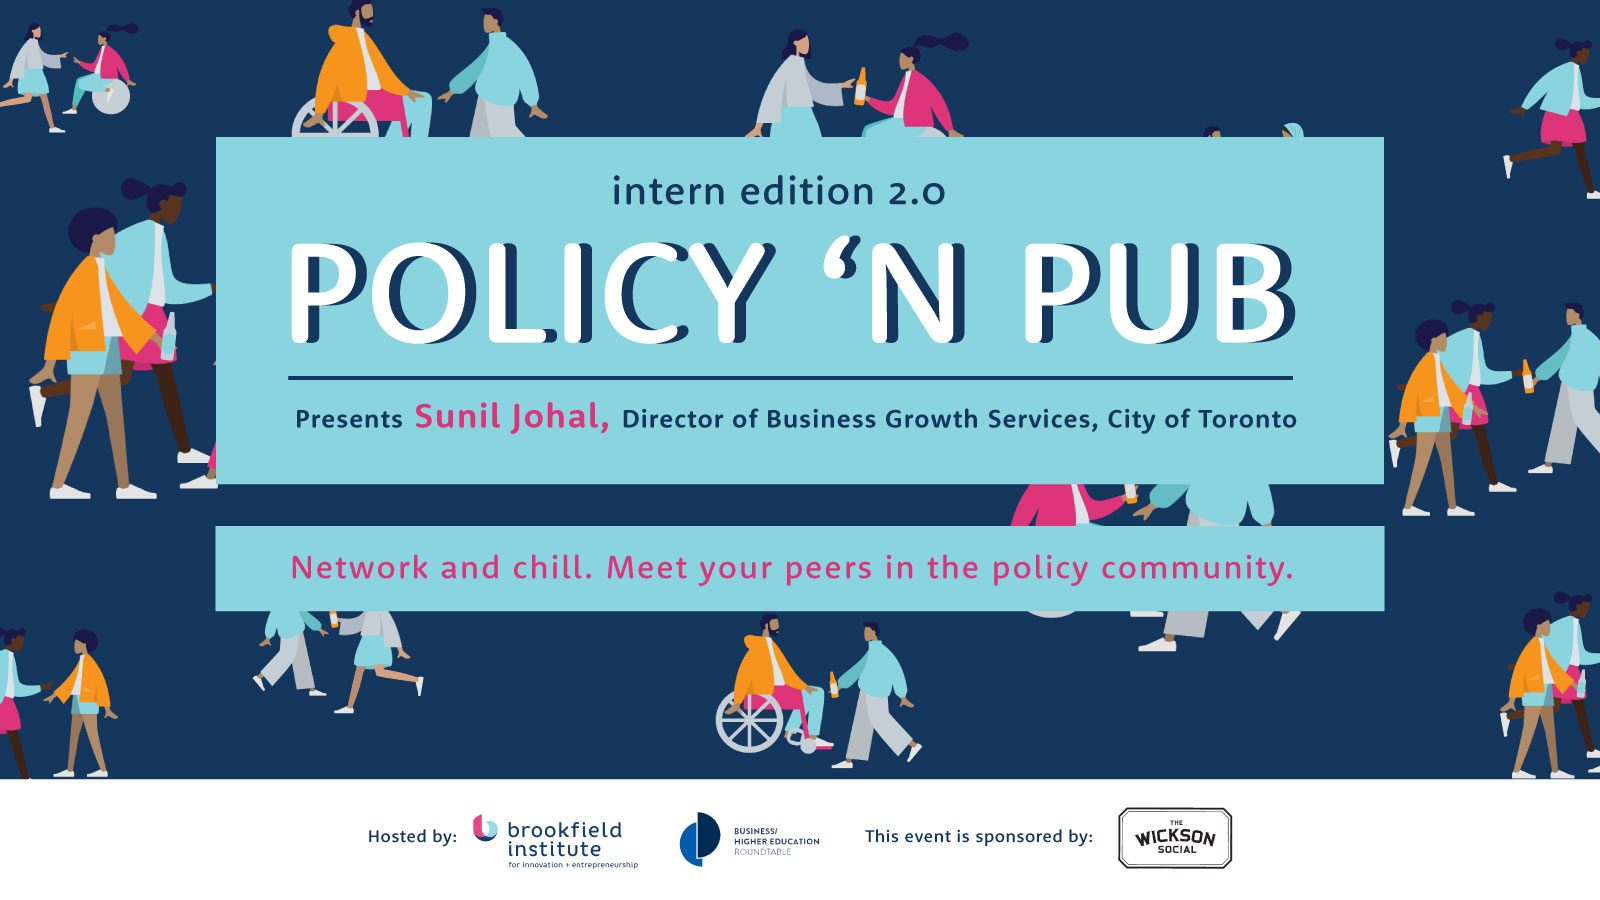 Policy 'N Pub: Intern Edition 2.0